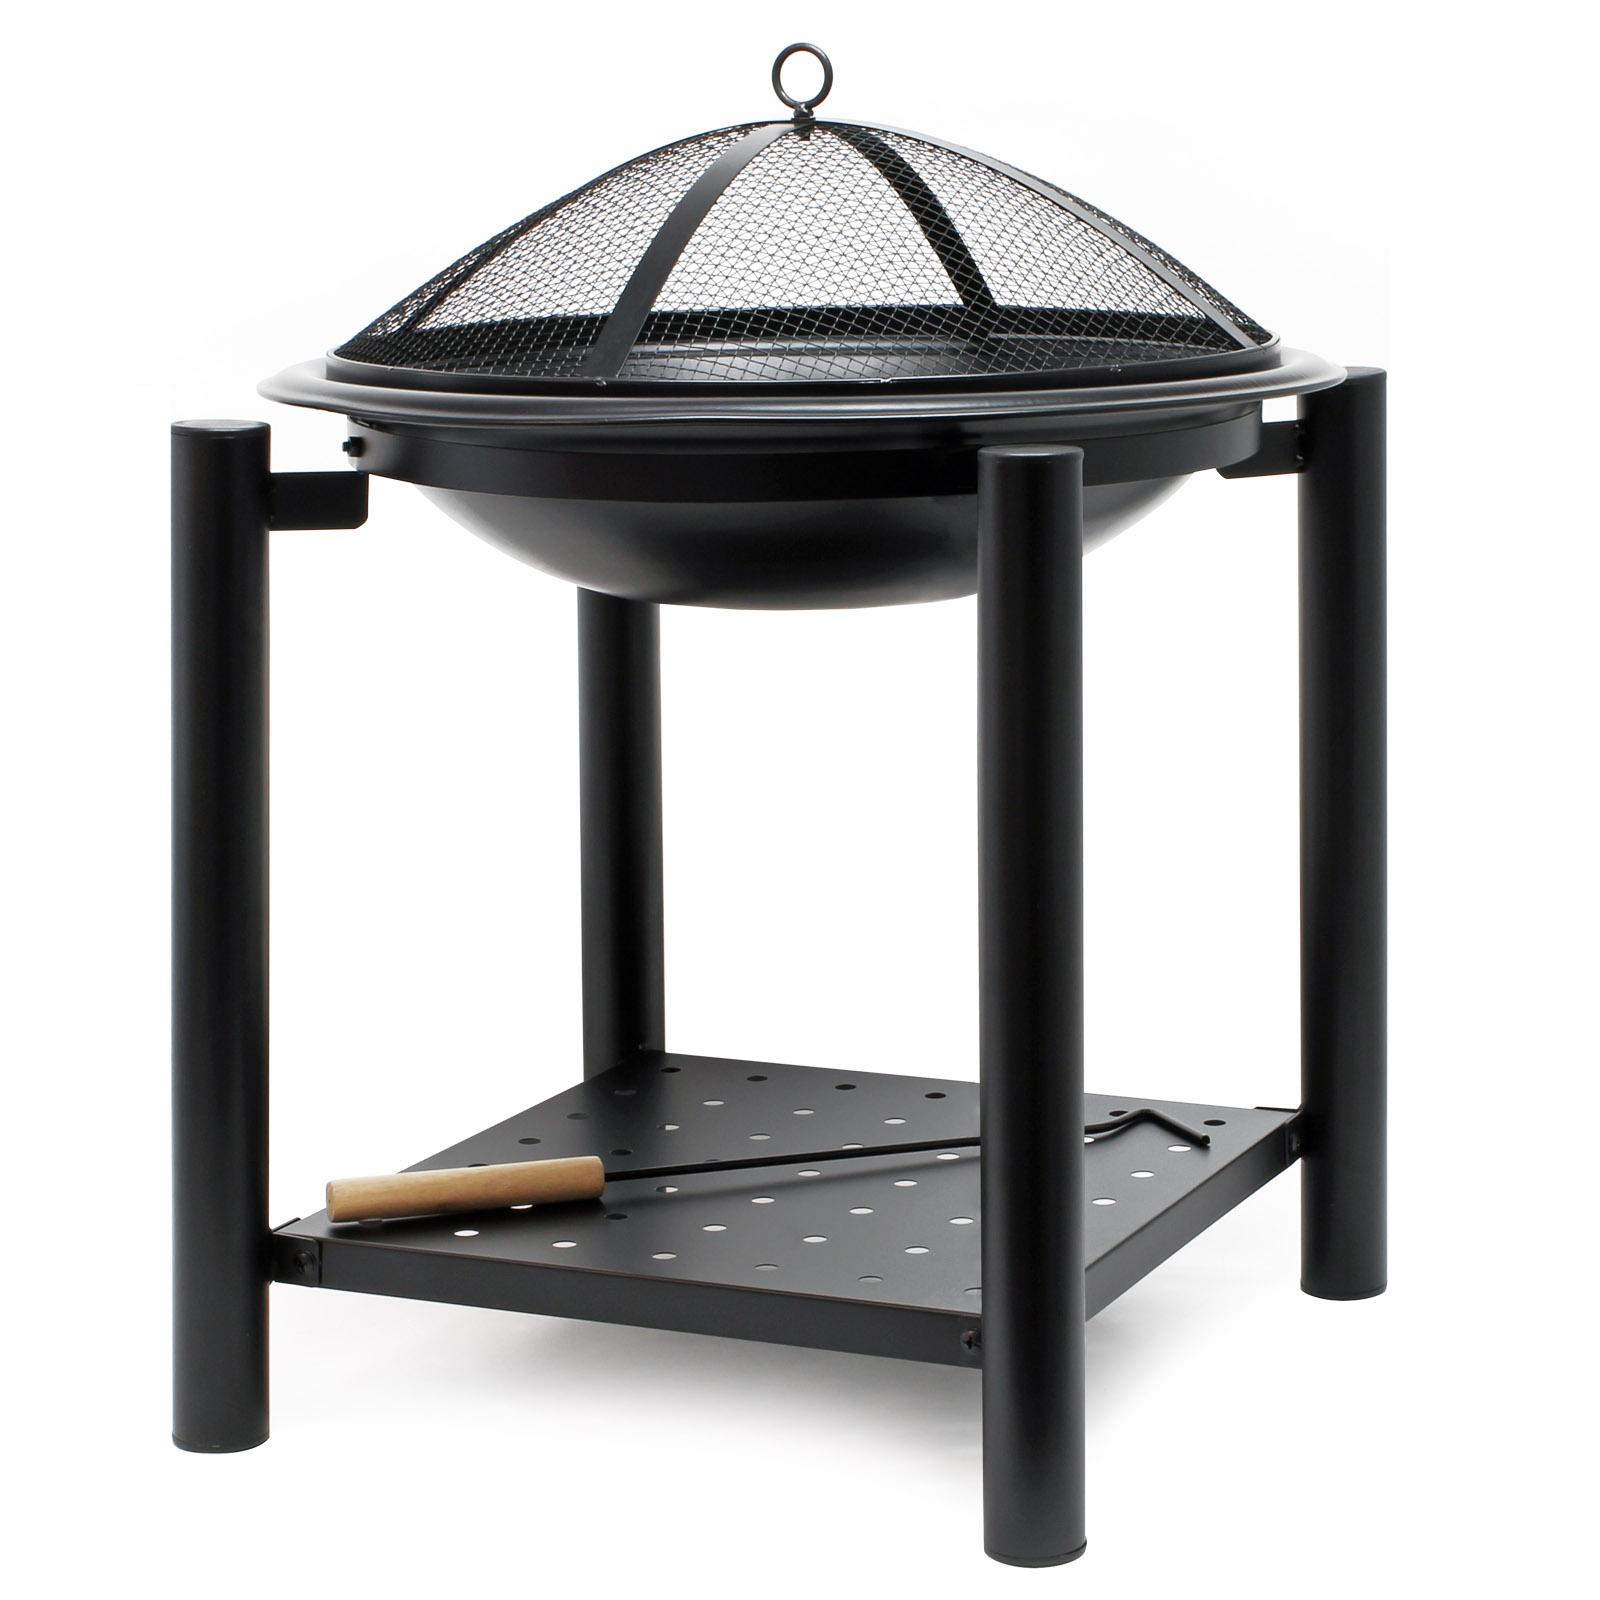 Brasero Maison Du Monde détails sur foyer 50x50cm rond brasero tisonnier bol feu gril camp jardin  terrasse barbecue